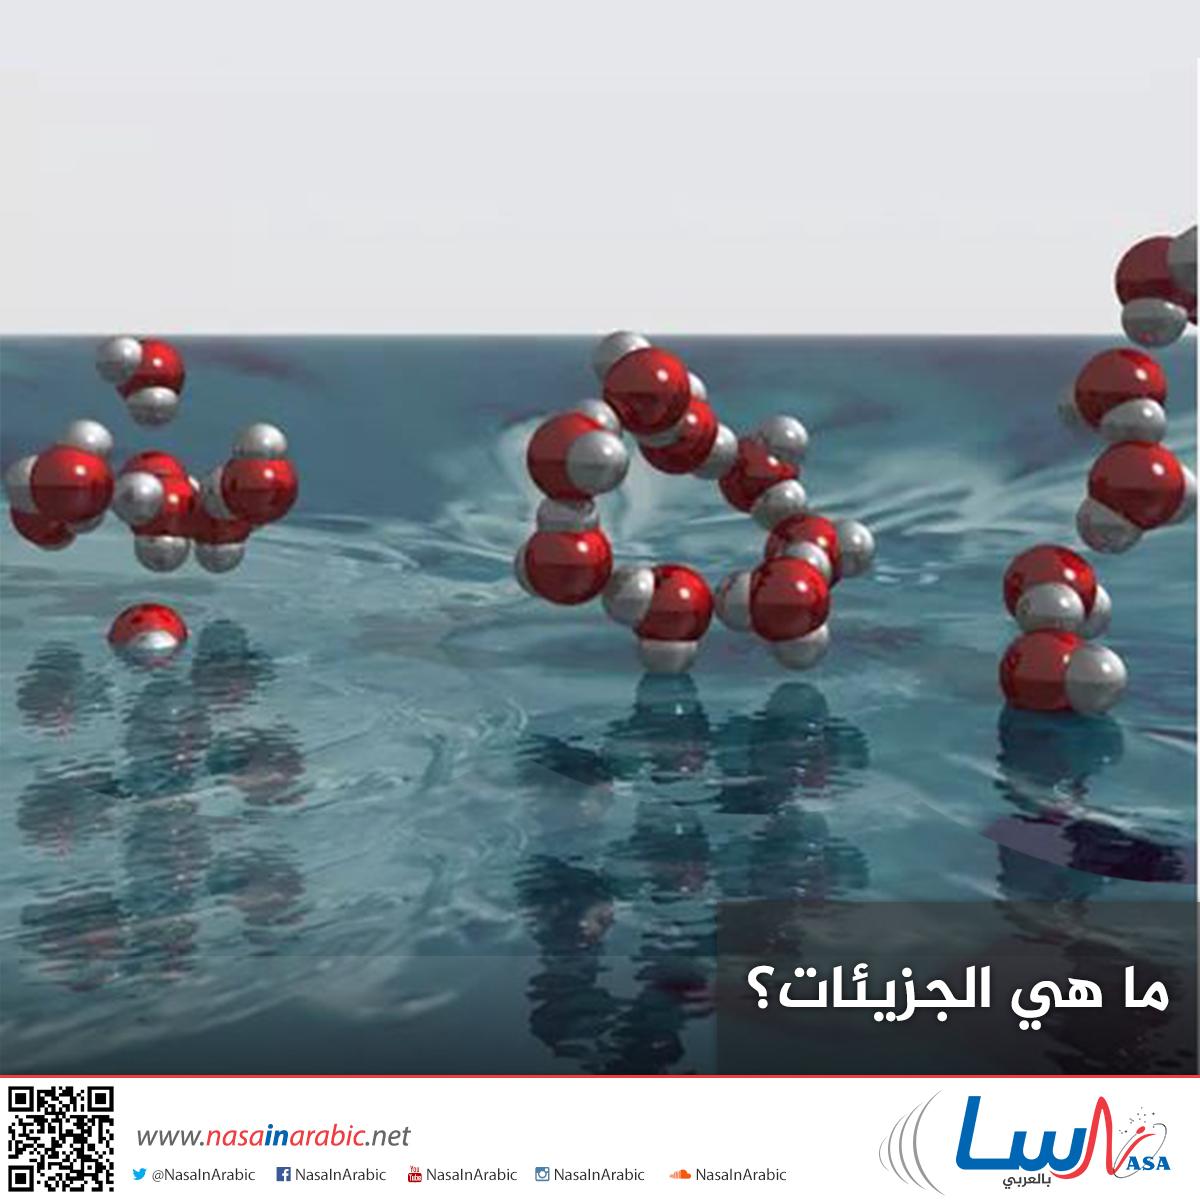 ما هي الجزيئات؟